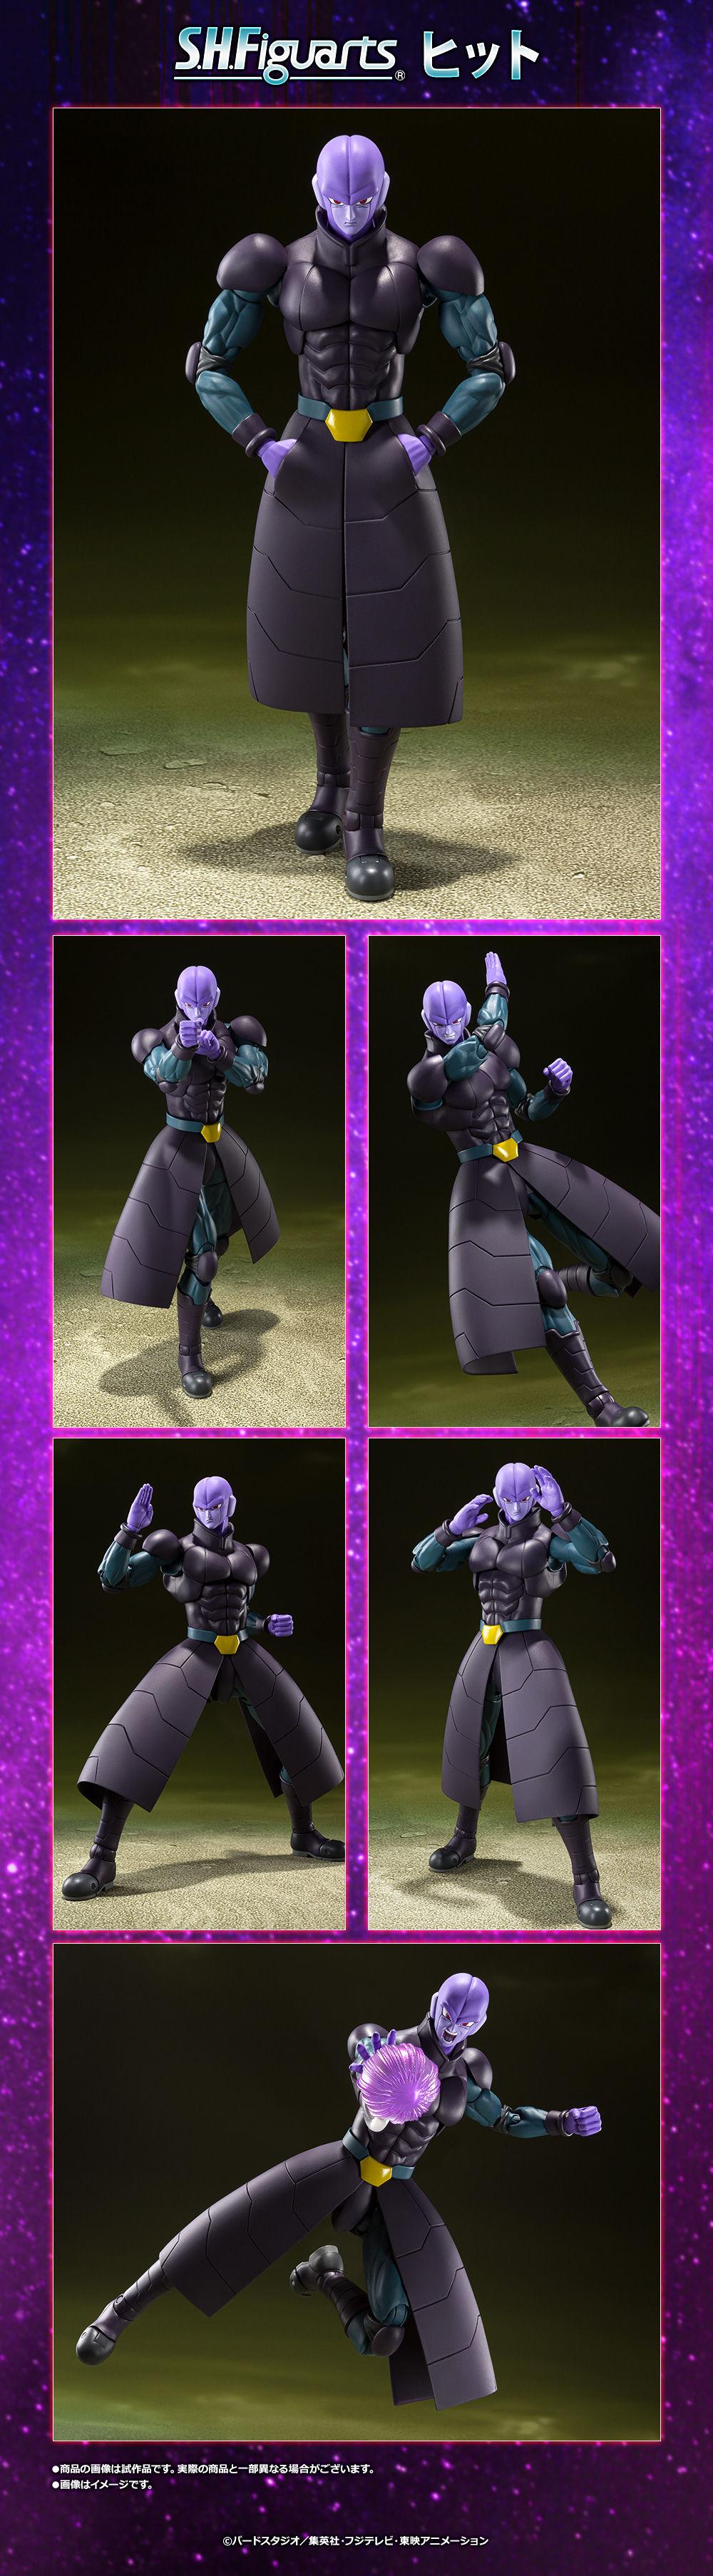 第6宇宙最強的戰士!S.H.Figuarts《七龍珠超》希特 可動人偶參見